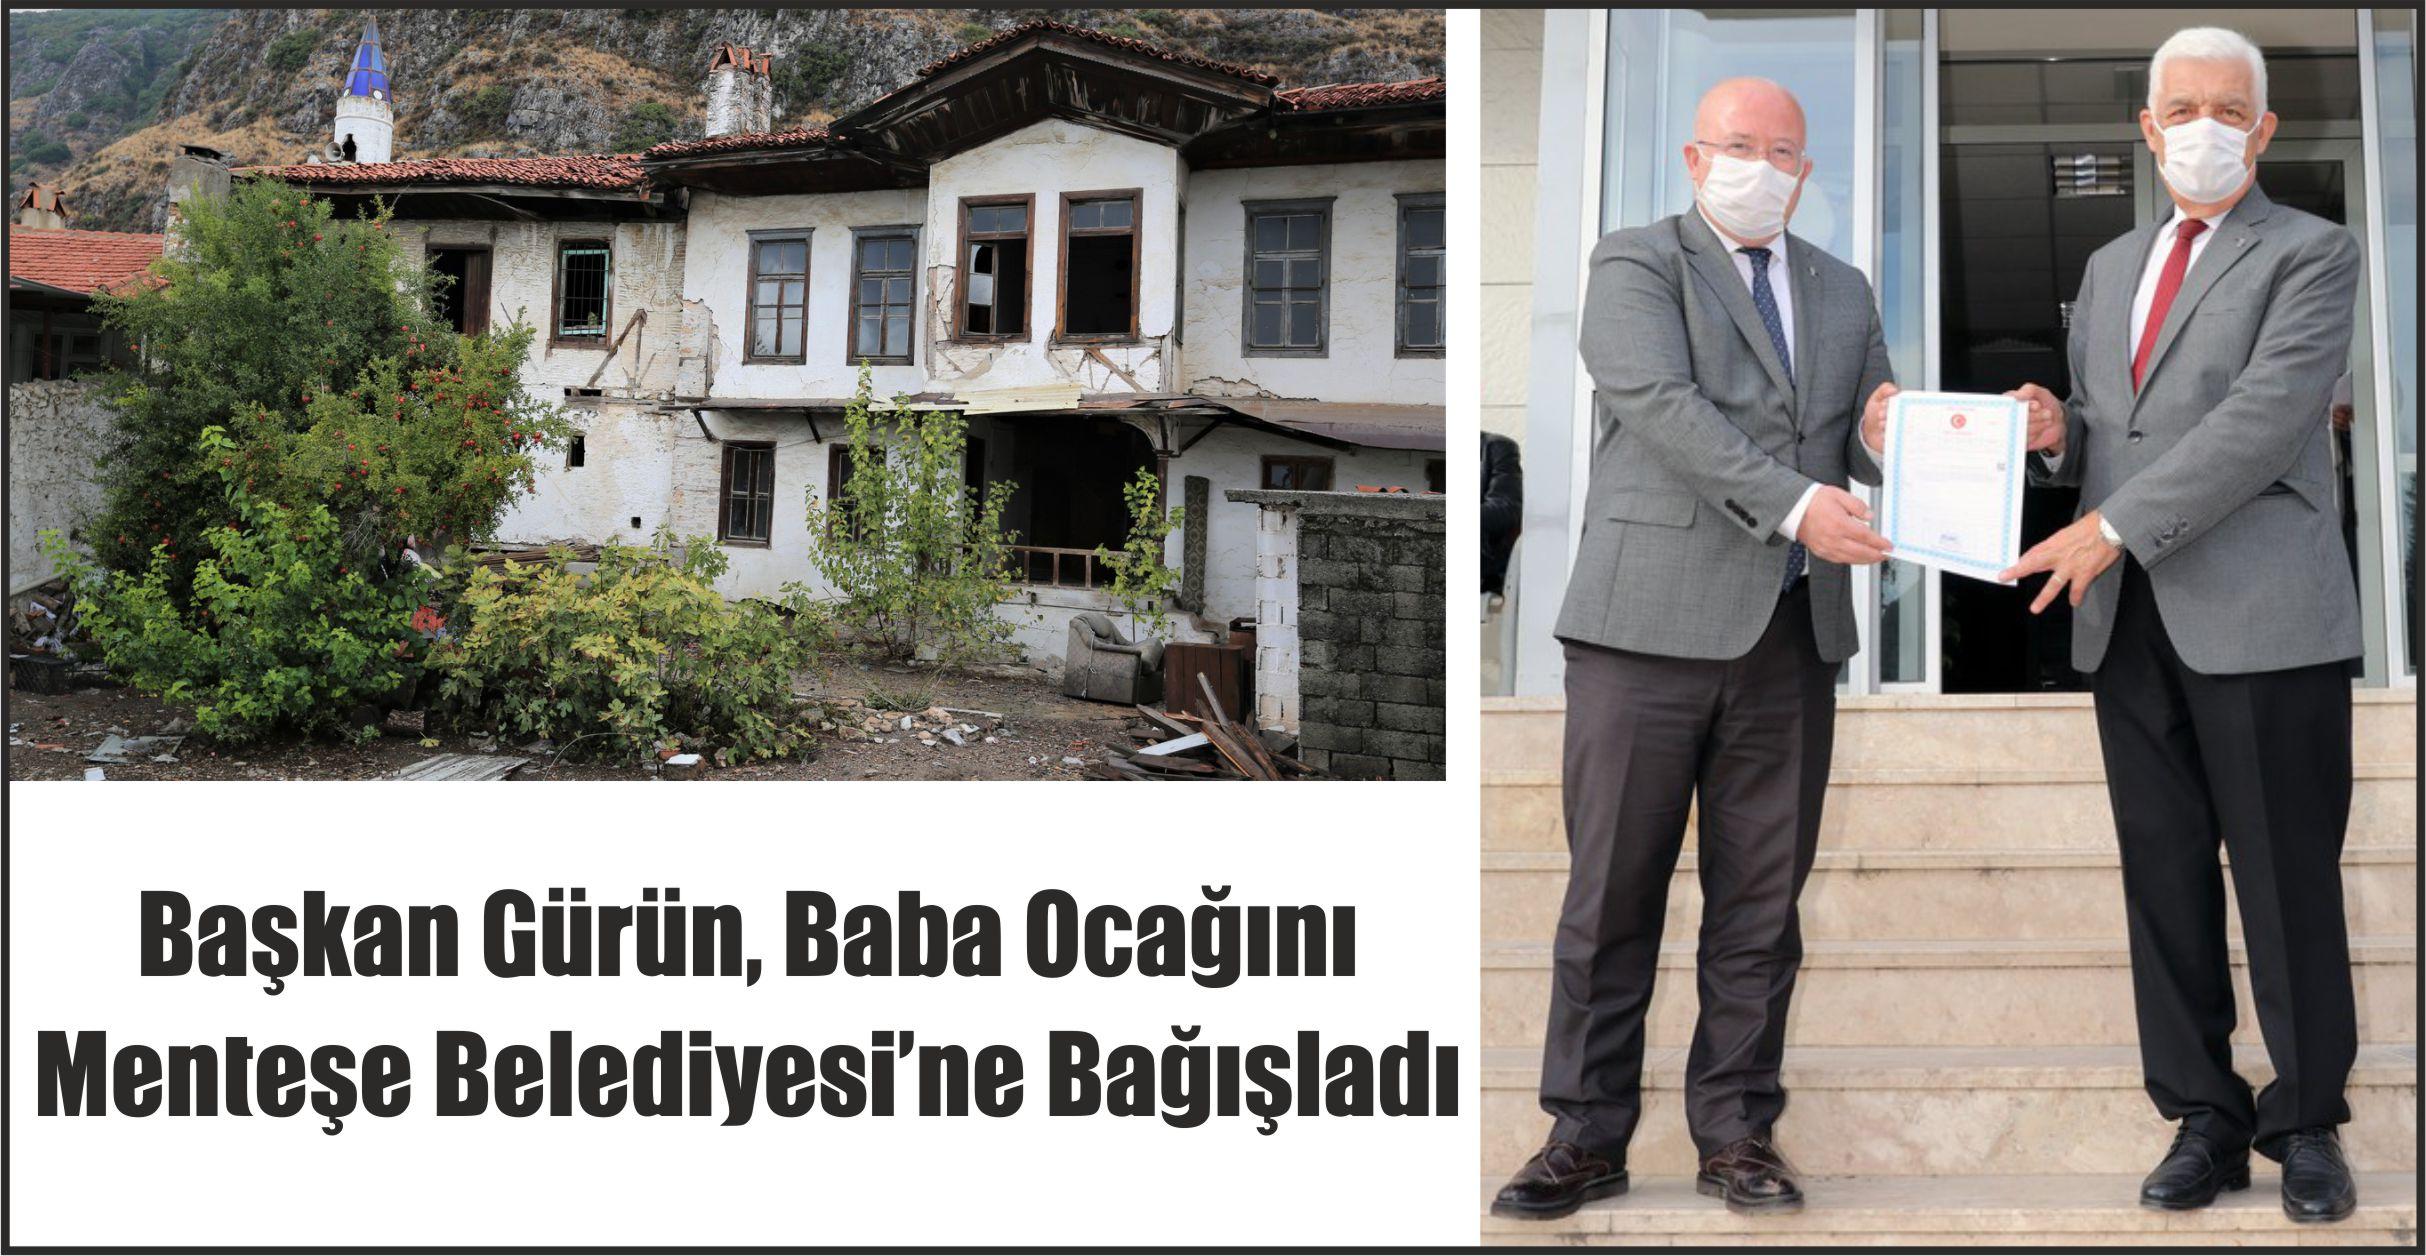 Başkan Gürün, Baba Ocağını Menteşe Belediyesi'ne Bağışladı